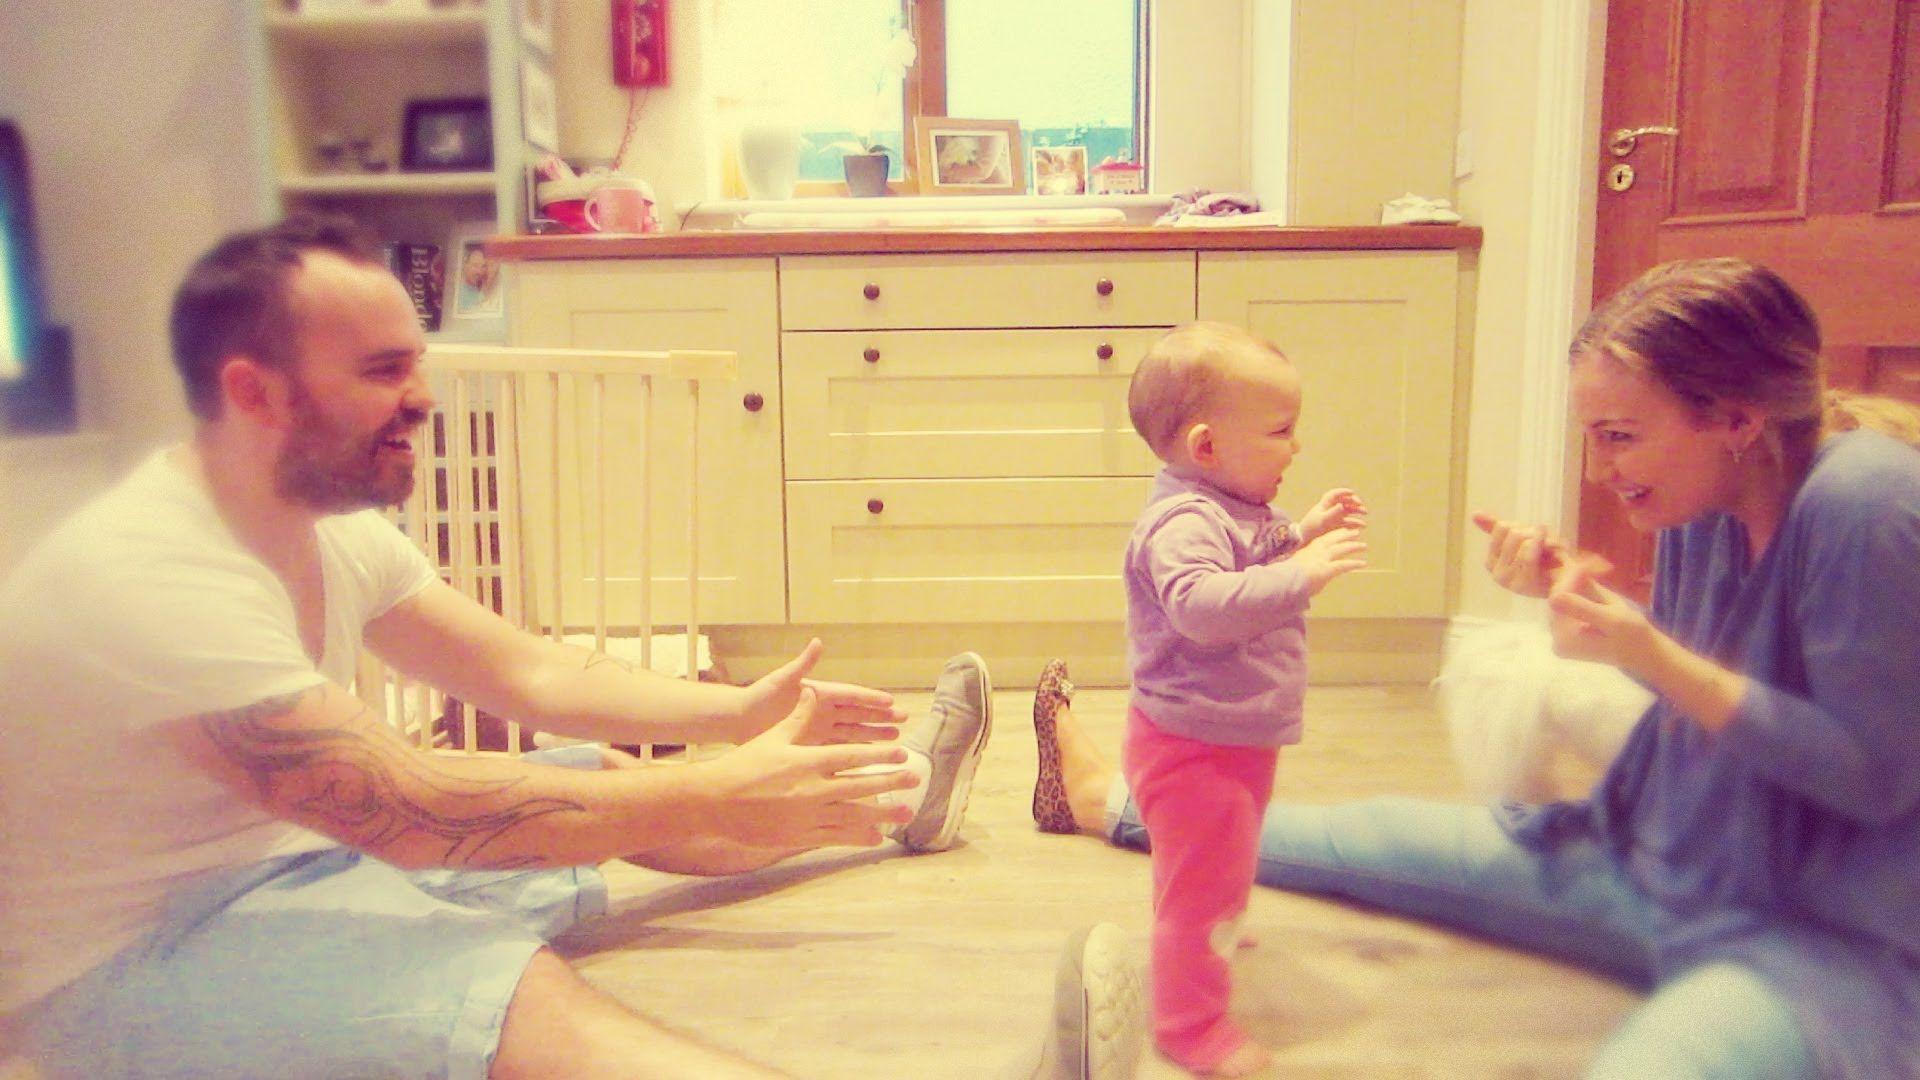 2. Bagaimana cara membantu bayi berjalan